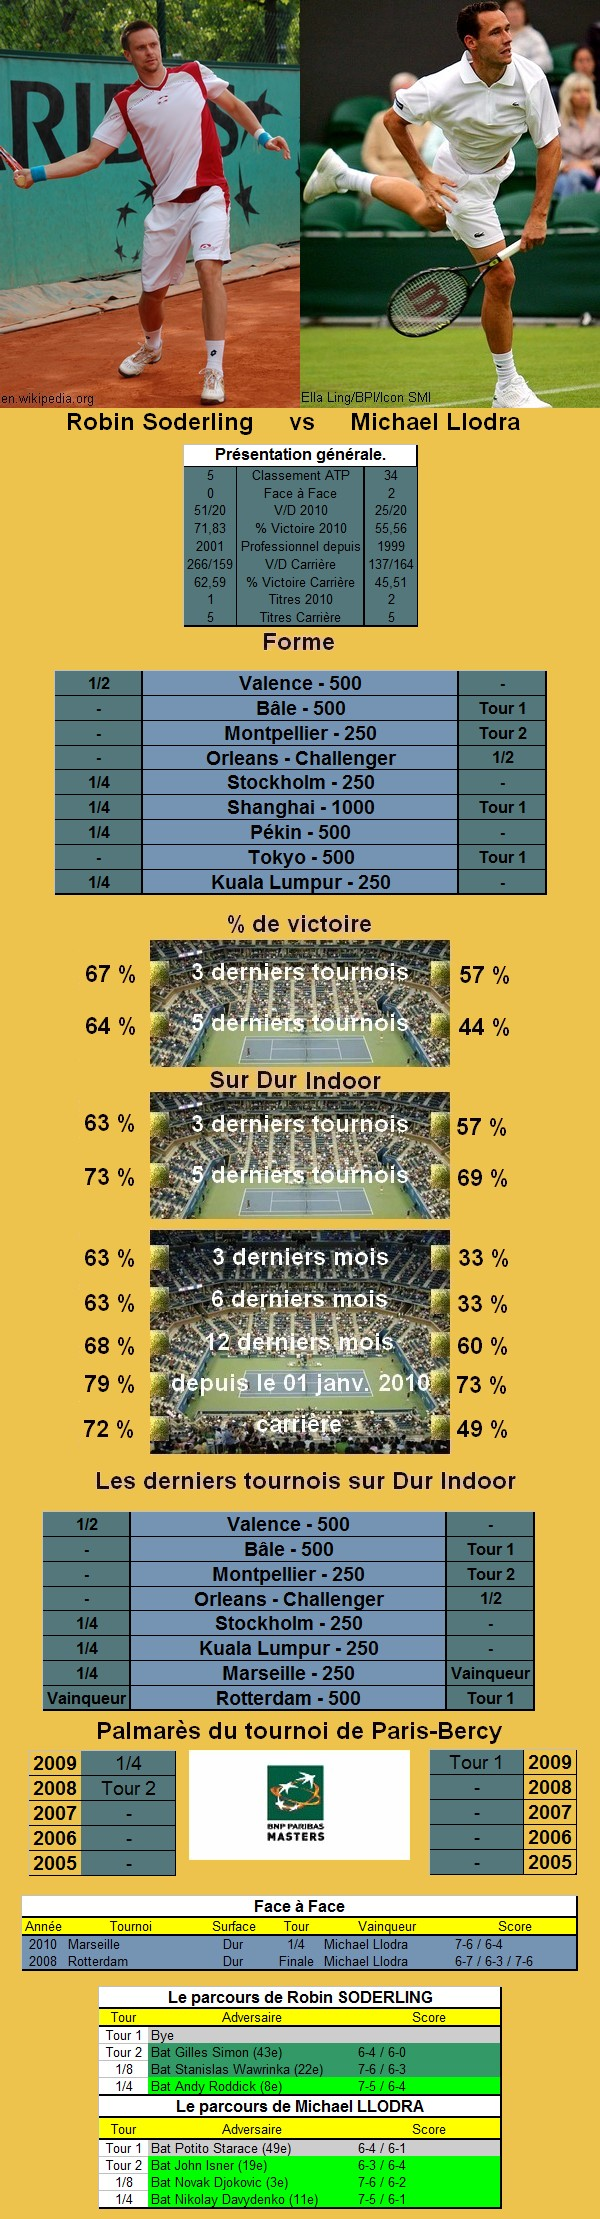 Statistiques tennis de Soderling contre Llodra à Paris Bercy